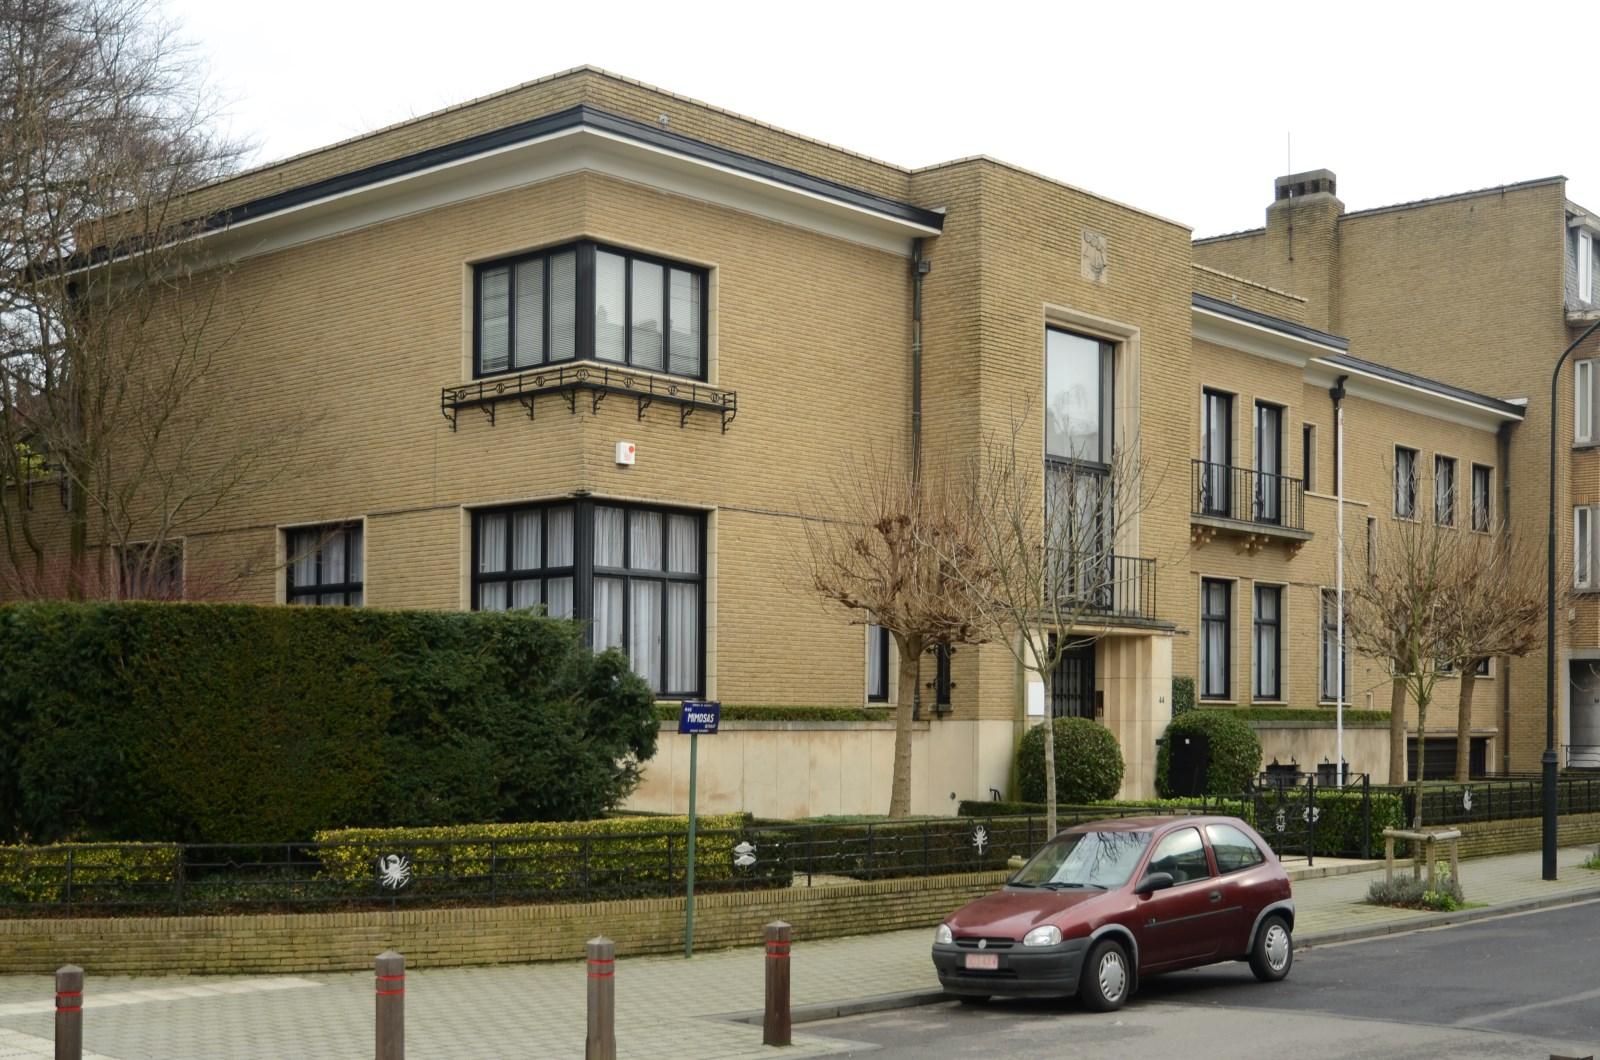 Rue des Mimosas 44-44a, 2012